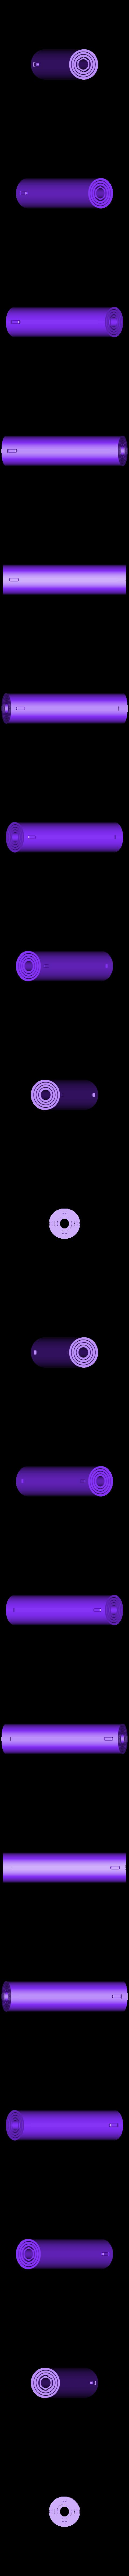 TubeExtender.stl Télécharger fichier STL gratuit Rallonge de tube pour boîtier • Plan pour imprimante 3D, Balkhagal4D